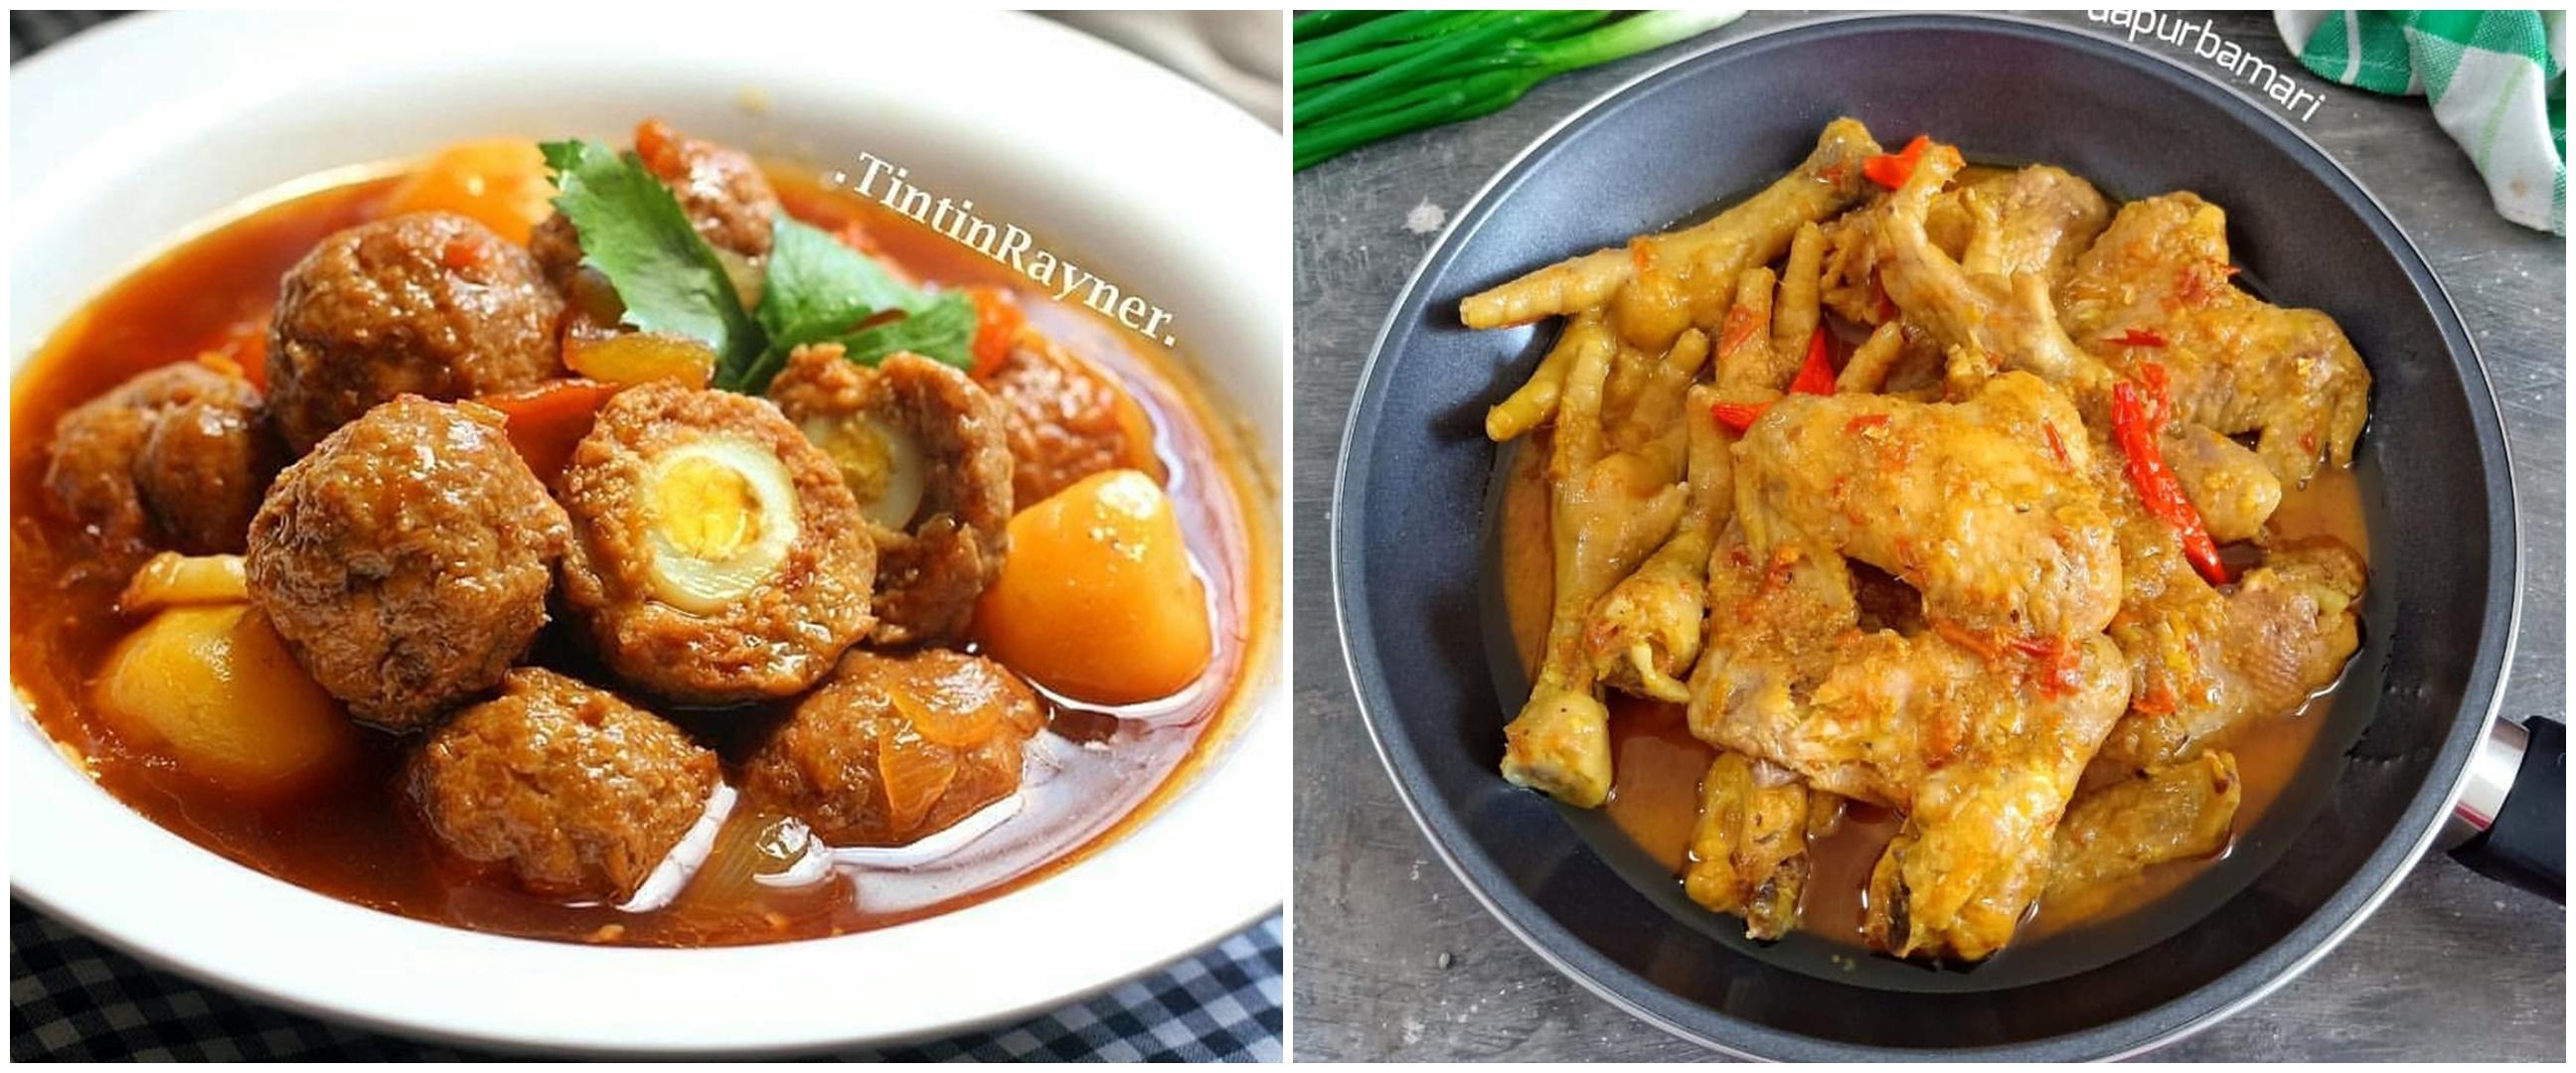 17 Resep masakan buka puasa berkuah enak, sederhana & praktis